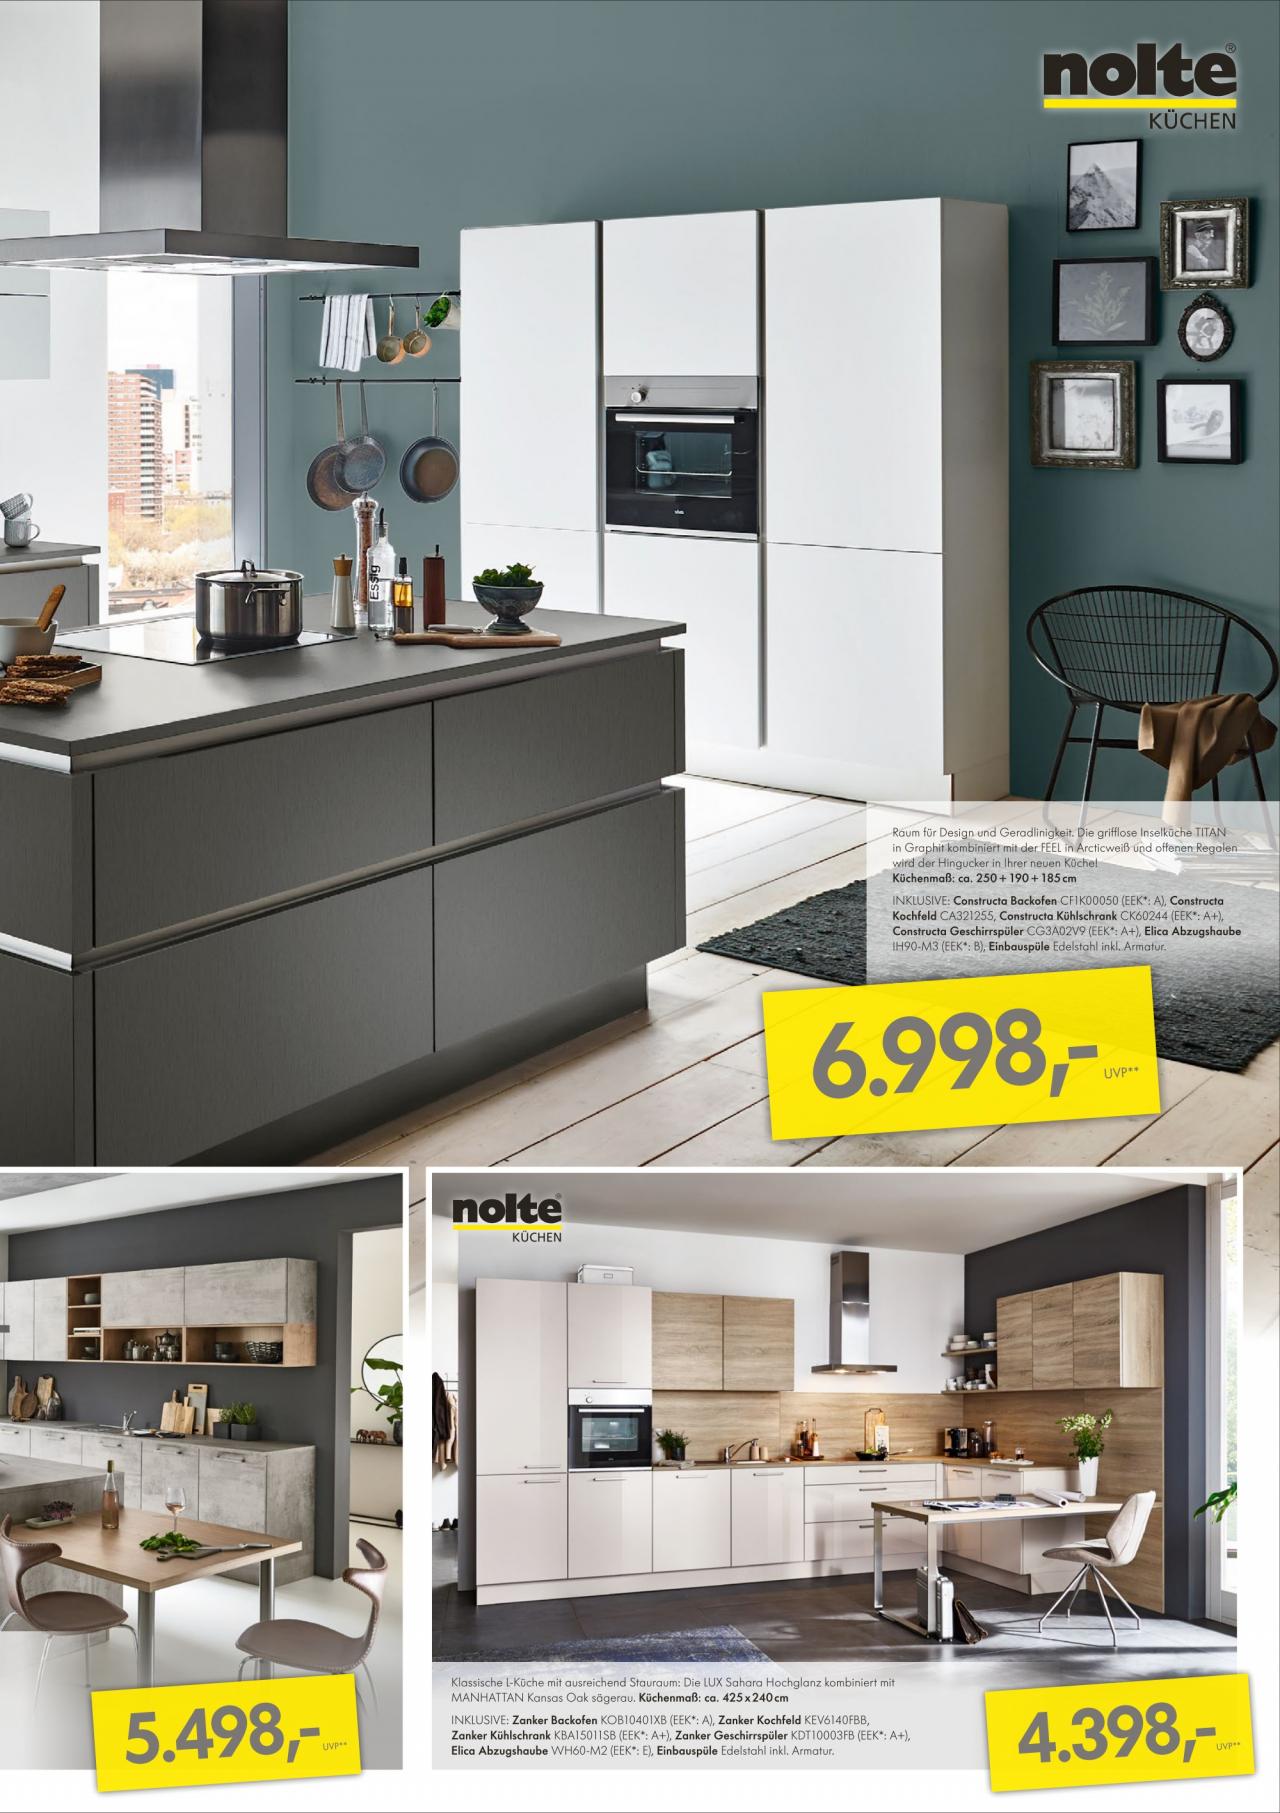 Full Size of Küchen Regal Schlafzimmer Komplettangebote Stellenangebote Baden Württemberg Sofa Angebote Wohnzimmer Küchen Angebote